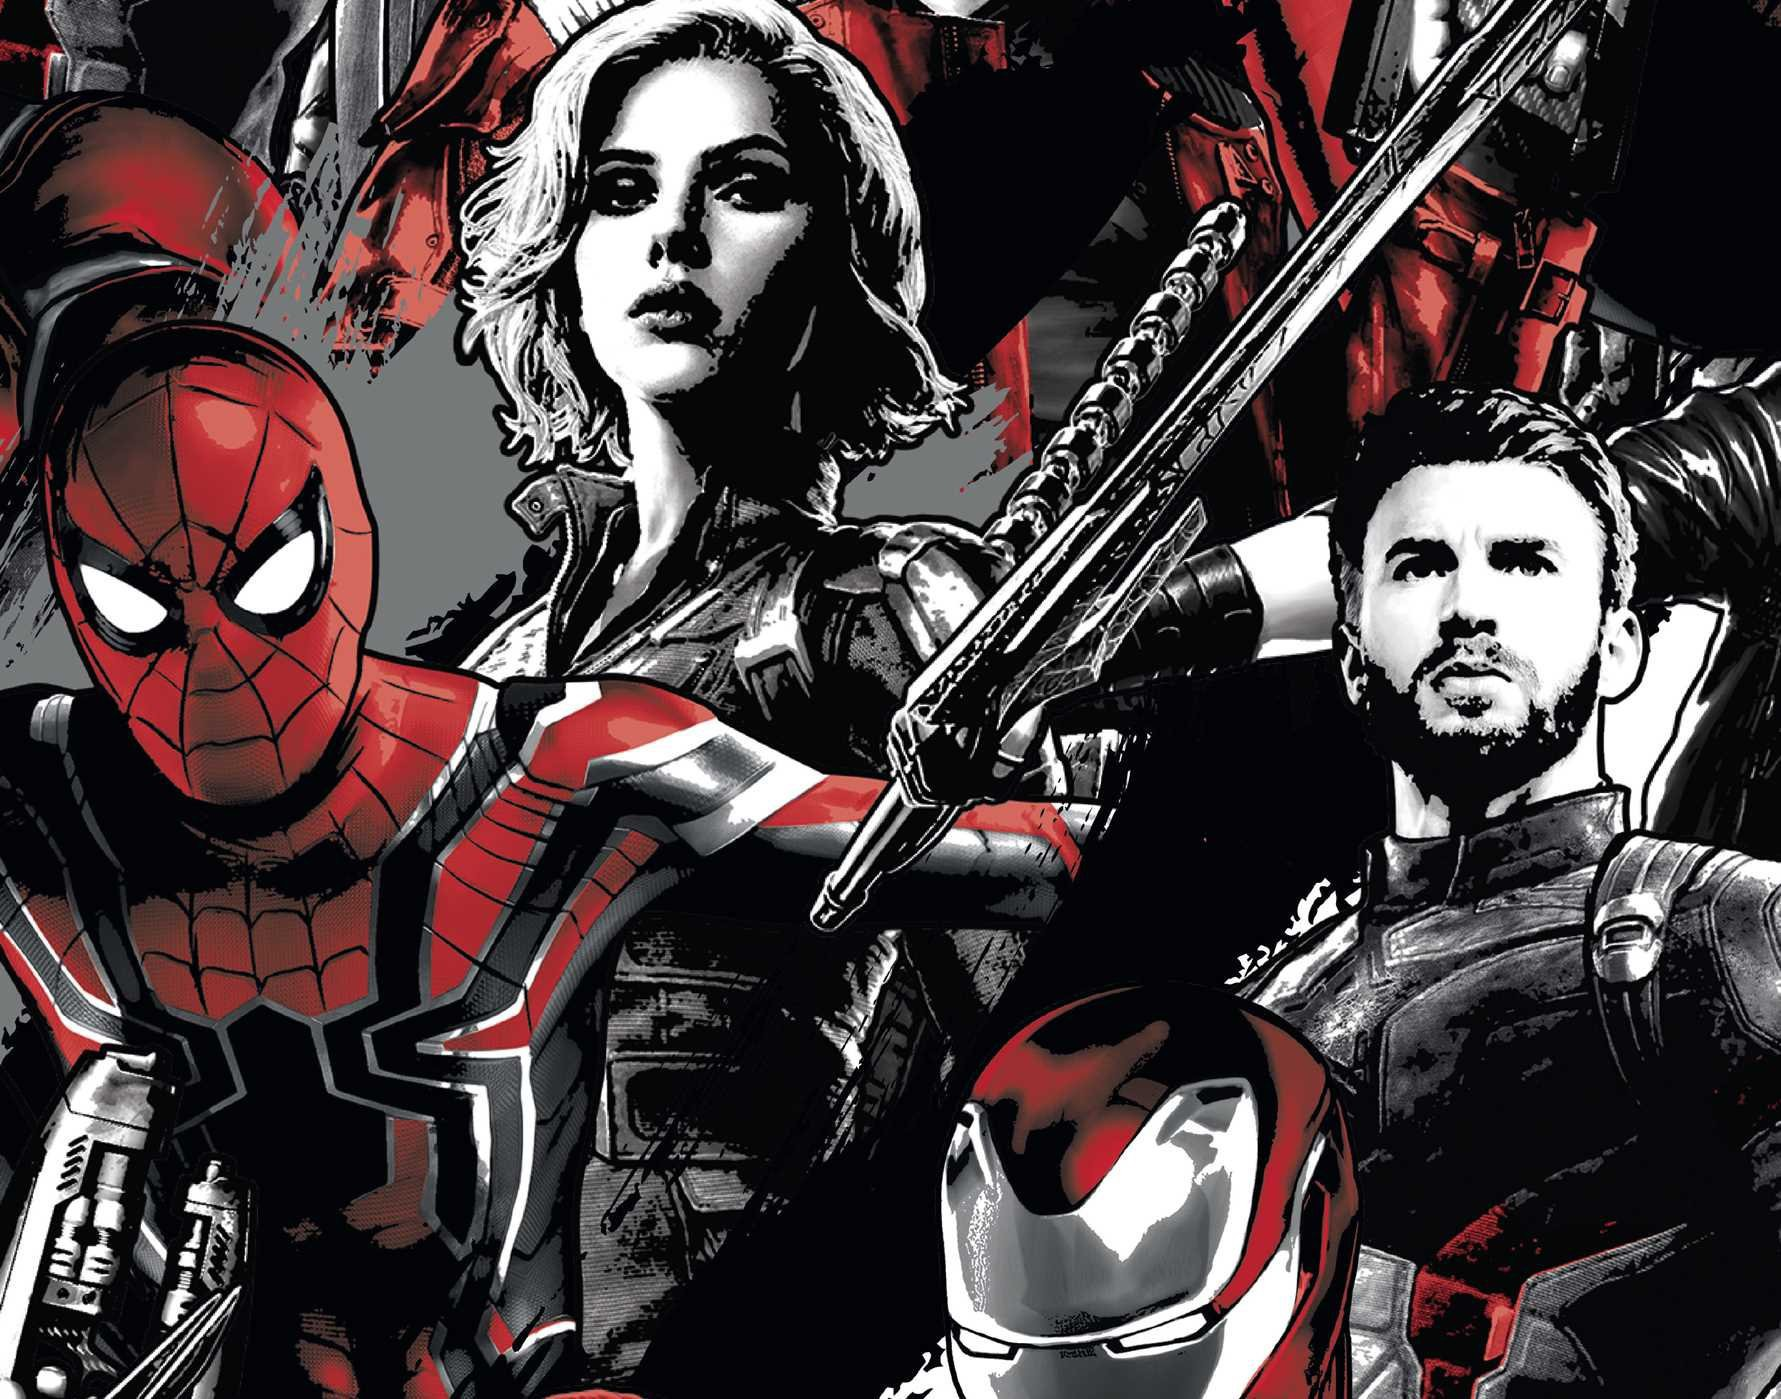 """""""Avengers: Infinity War"""": Cực phẩm siêu anh hùng đặt dấu mốc ấn tượng tại đỉnh cao 10 năm của vũ trụ điện ảnh Marvel - Ảnh 3."""